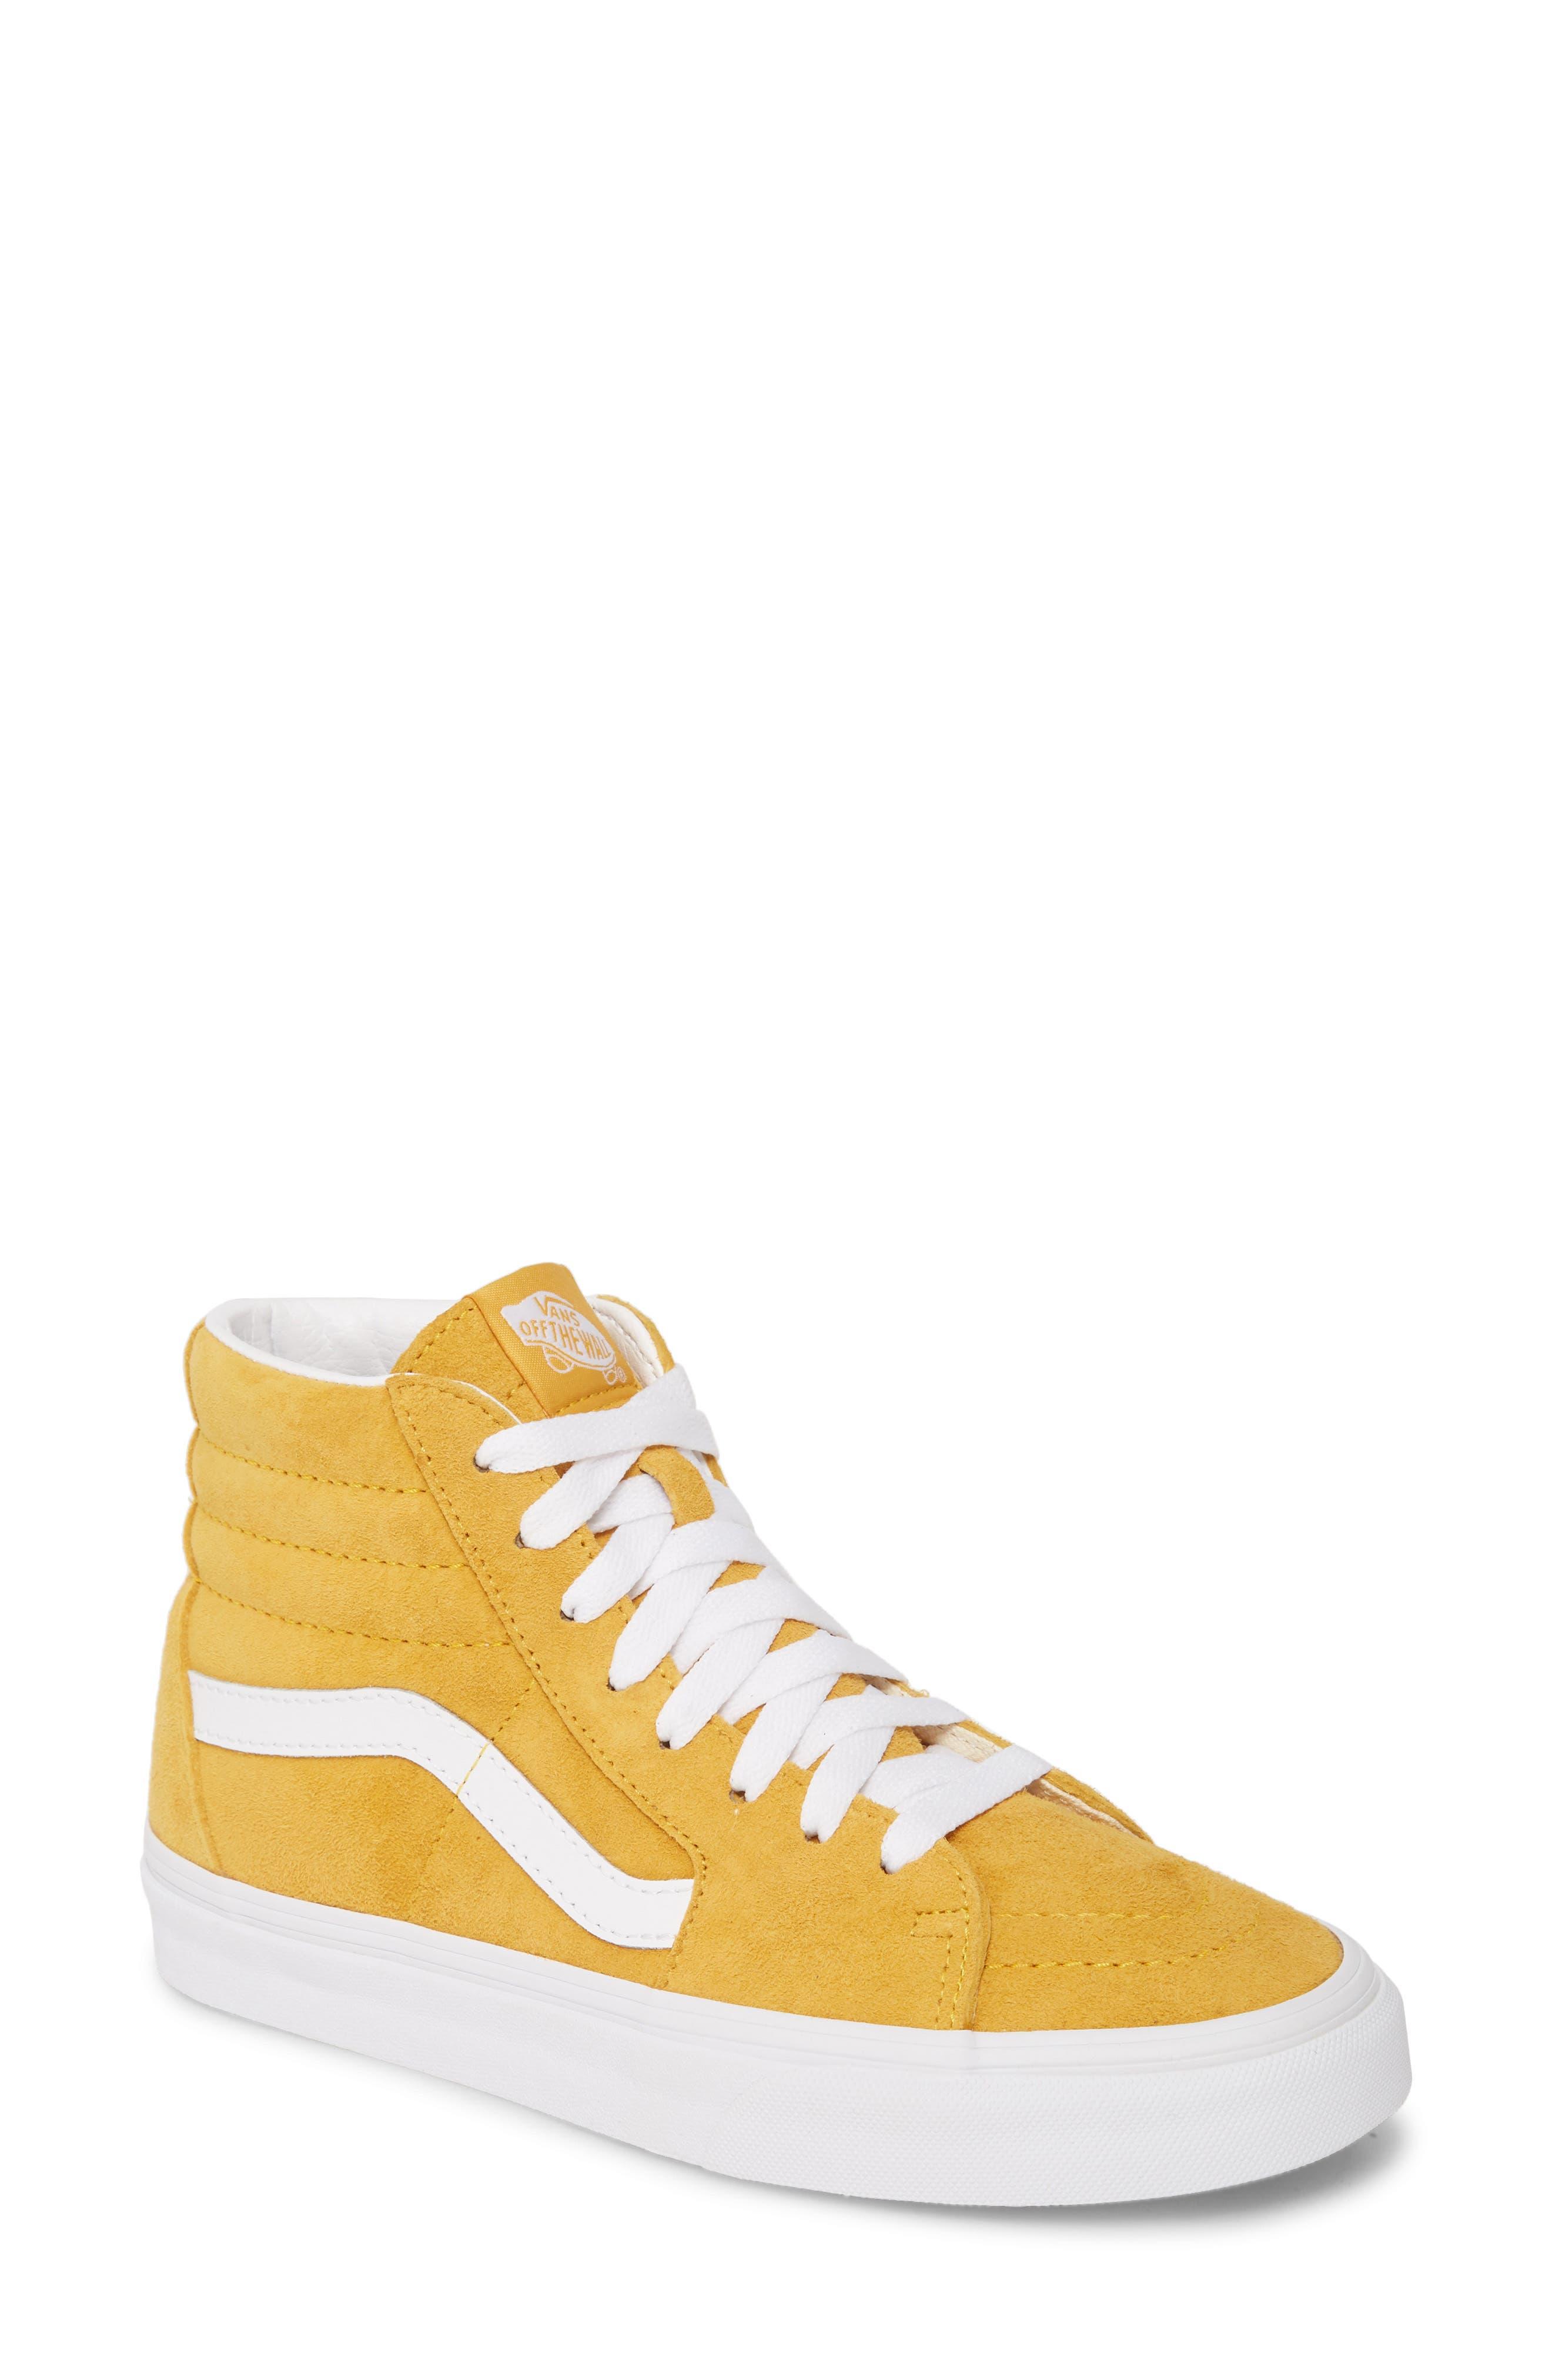 Vans Sk8-Hi Suede High Top Sneaker